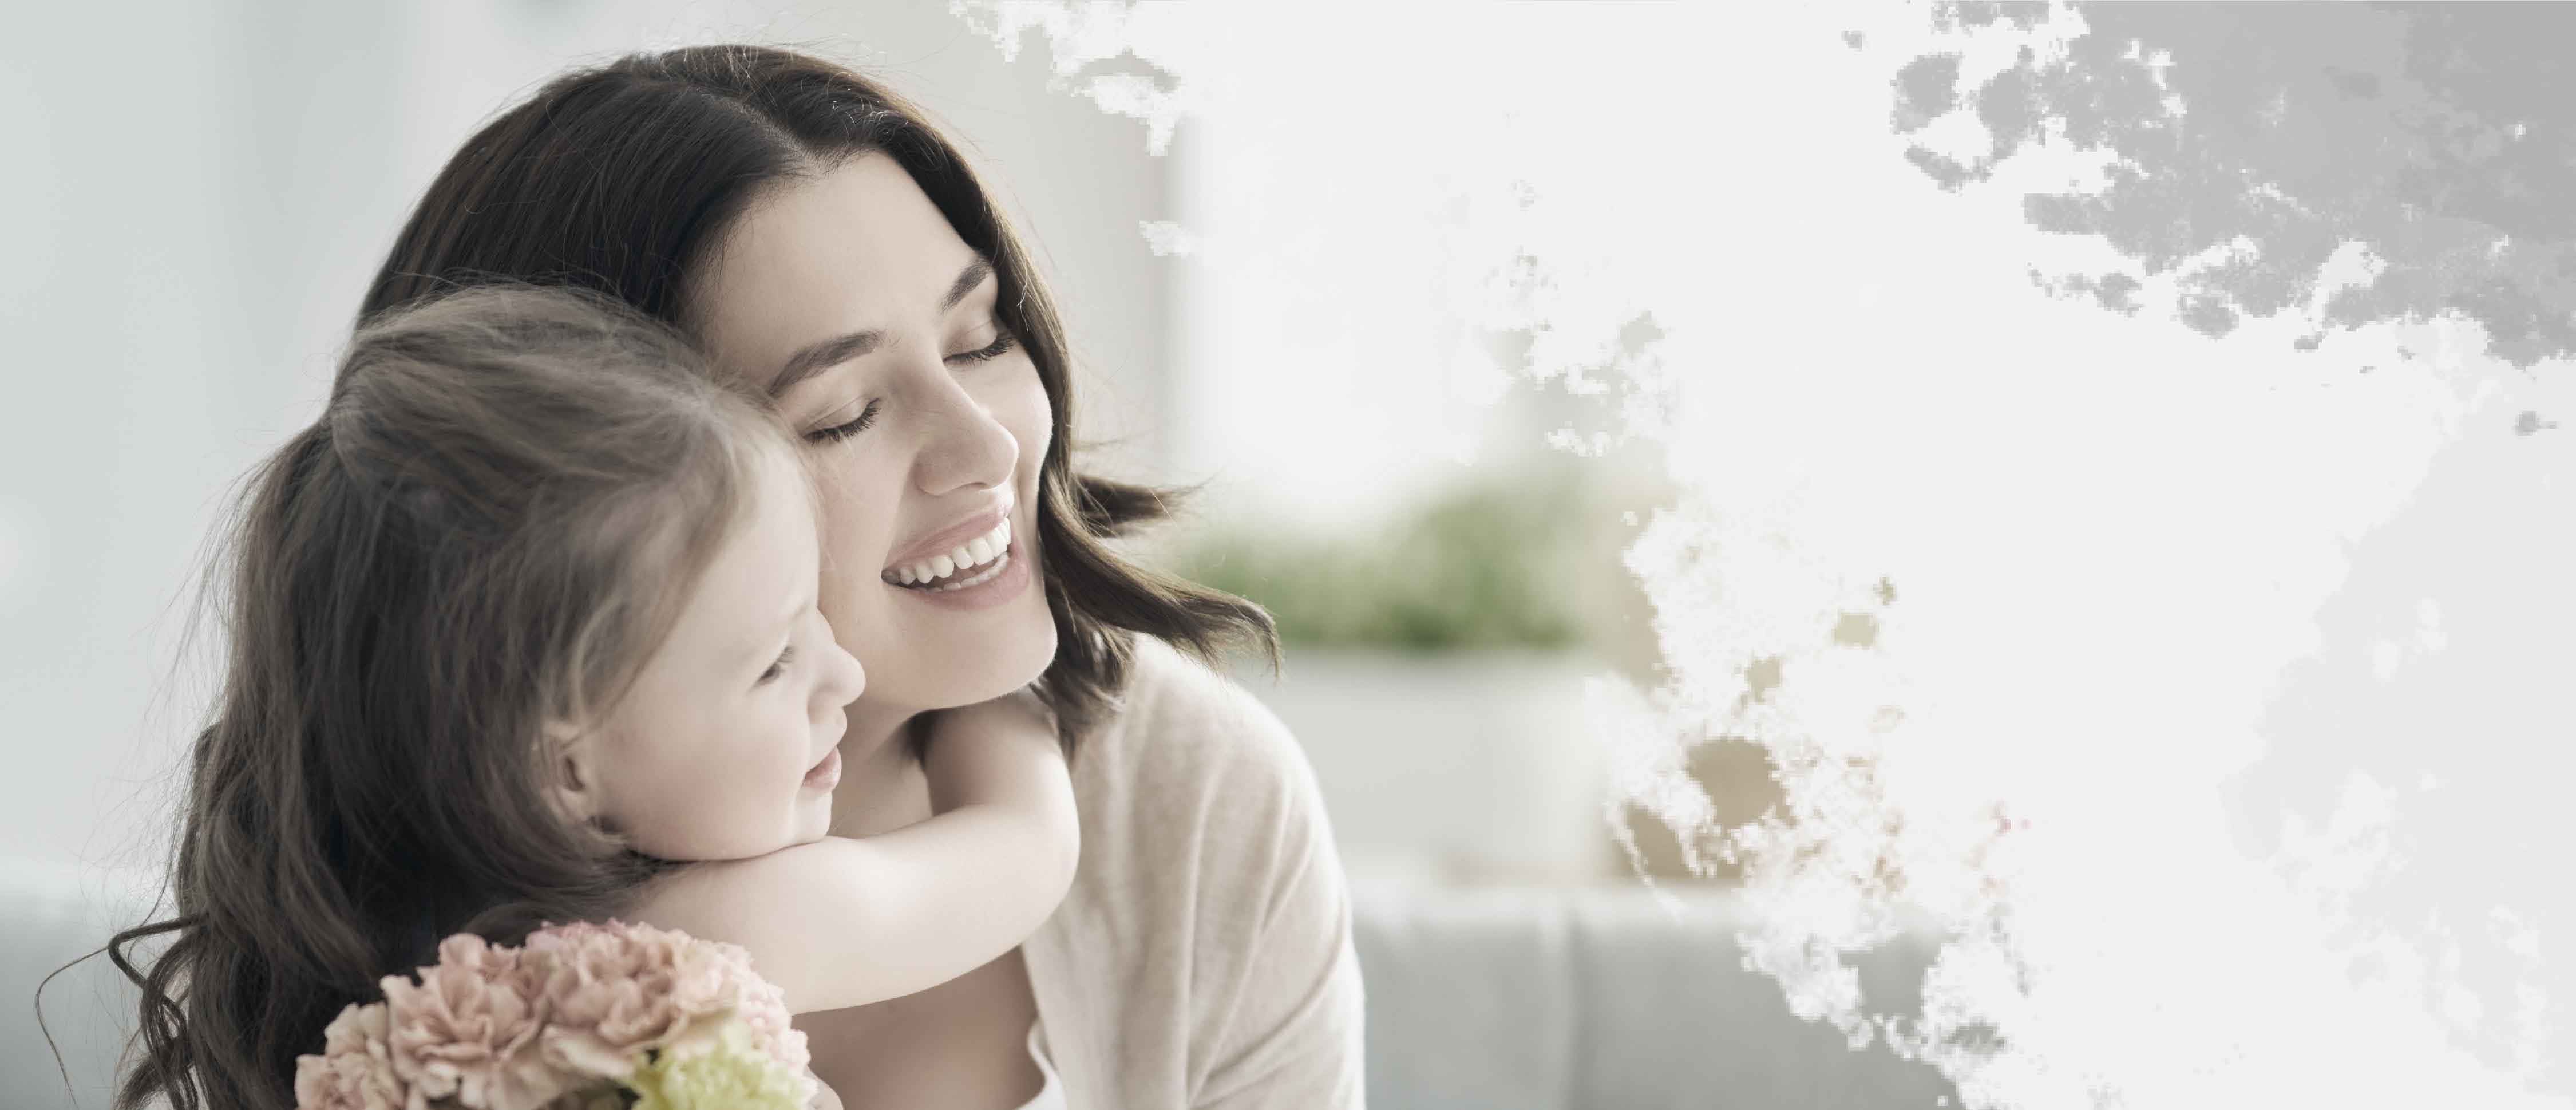 لنهتم بأنفسنا كأمهات من اليوم!